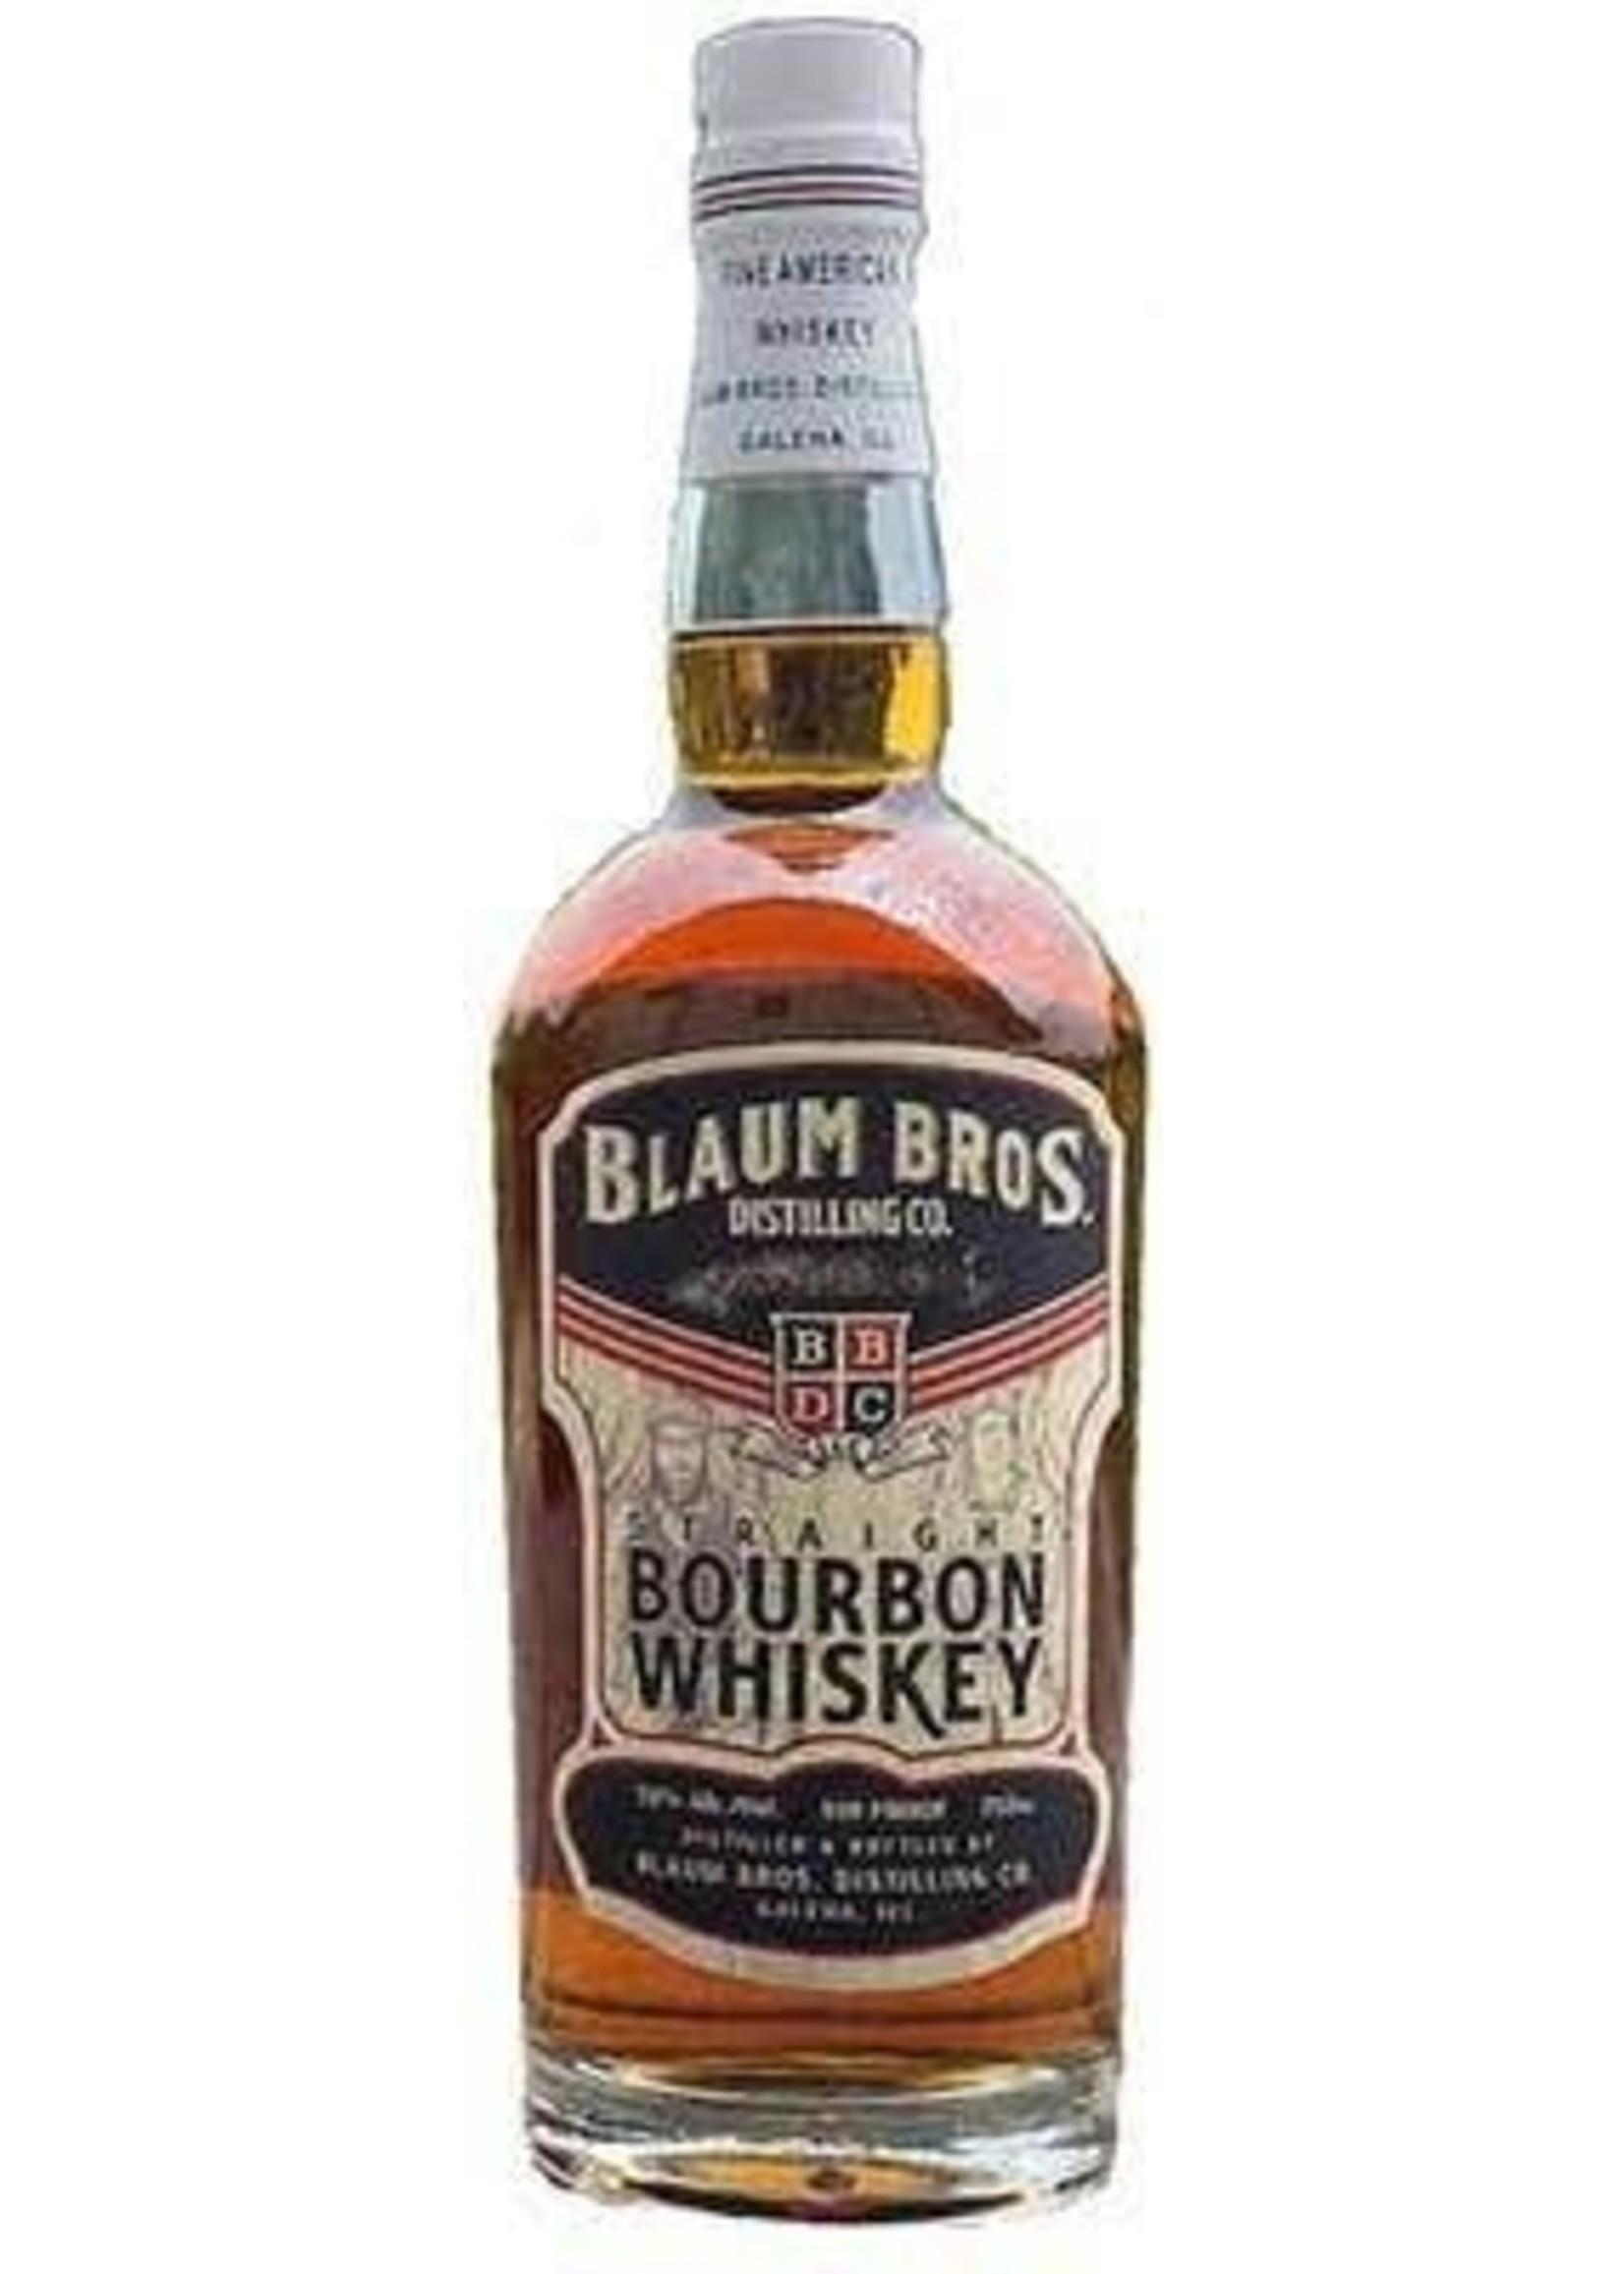 Blaum Bros Straight Bourbon Whiskey 750ml